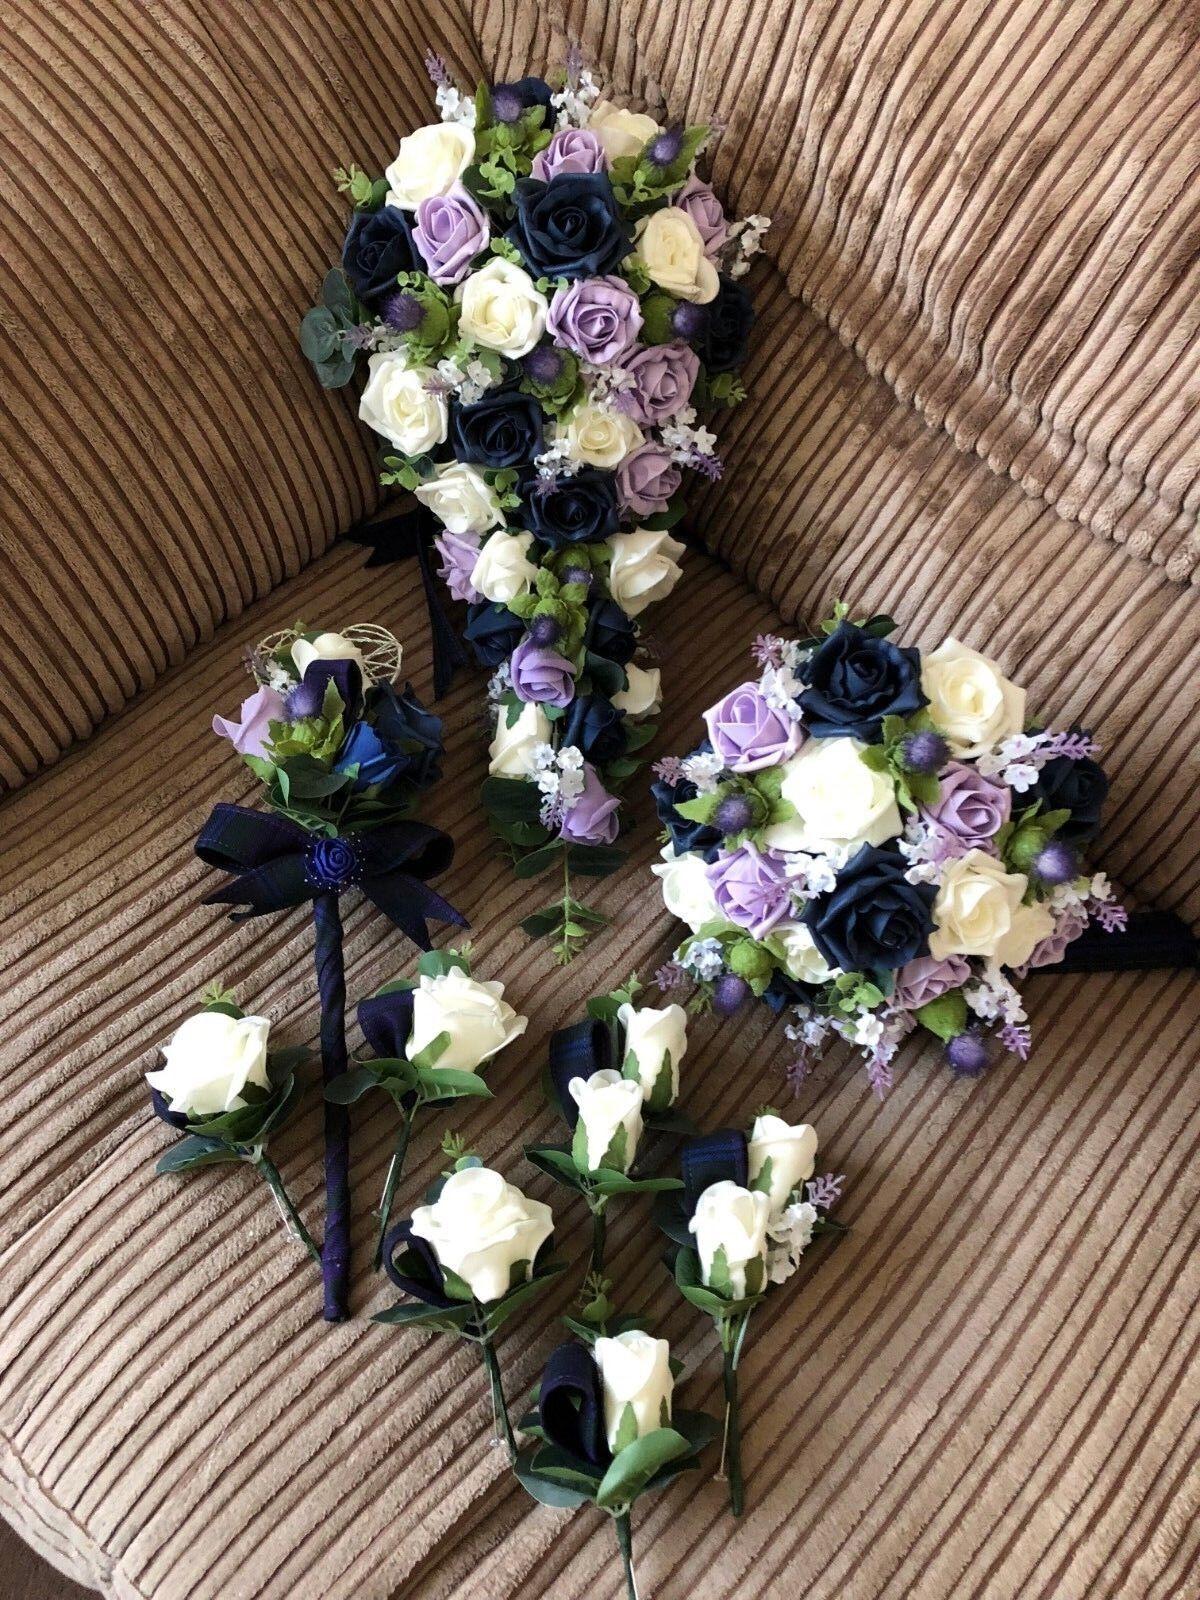 Scottish mariage fleurs Paquet Thistles, Marine, Ivoire & violetS ROSES